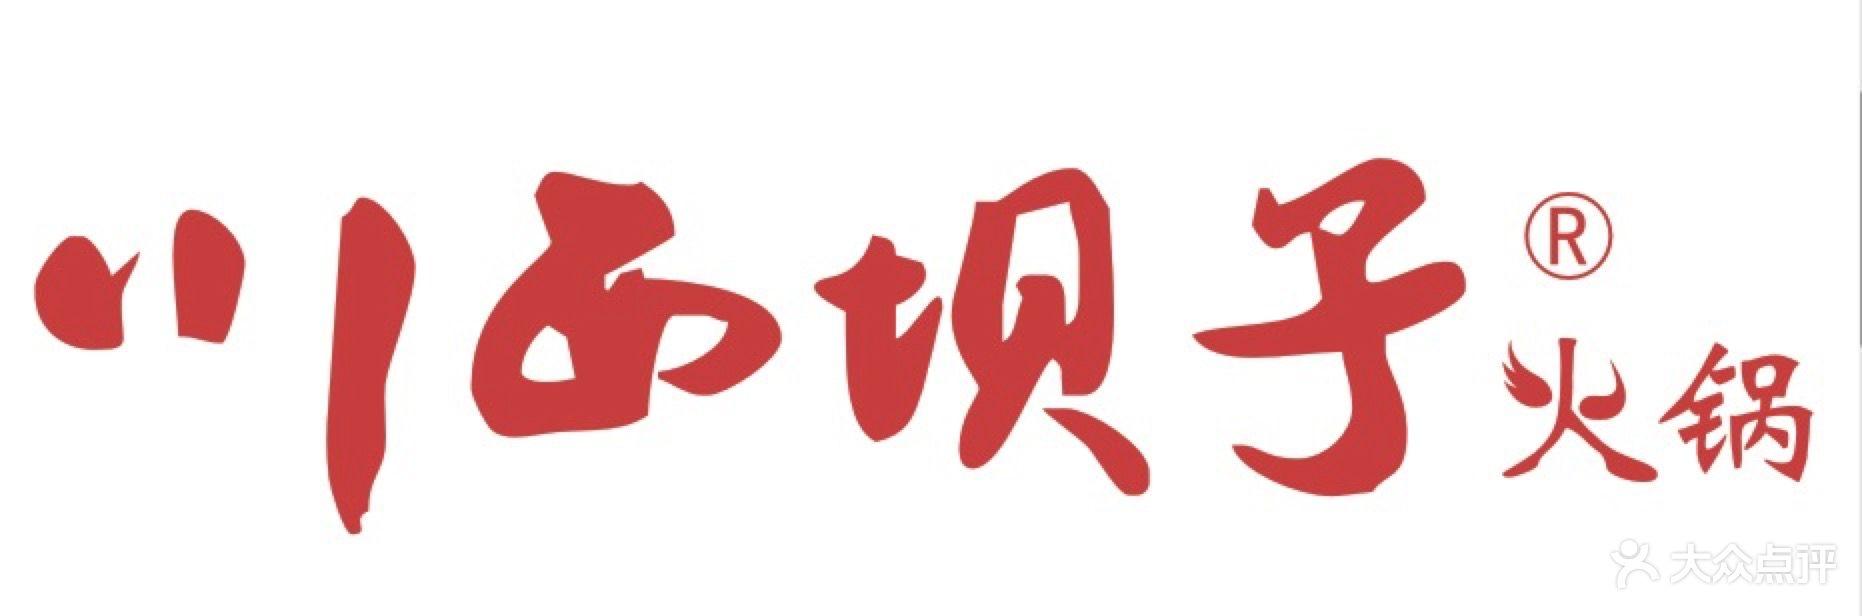 川西坝子火锅-logo图片-西安美食-大众点评网